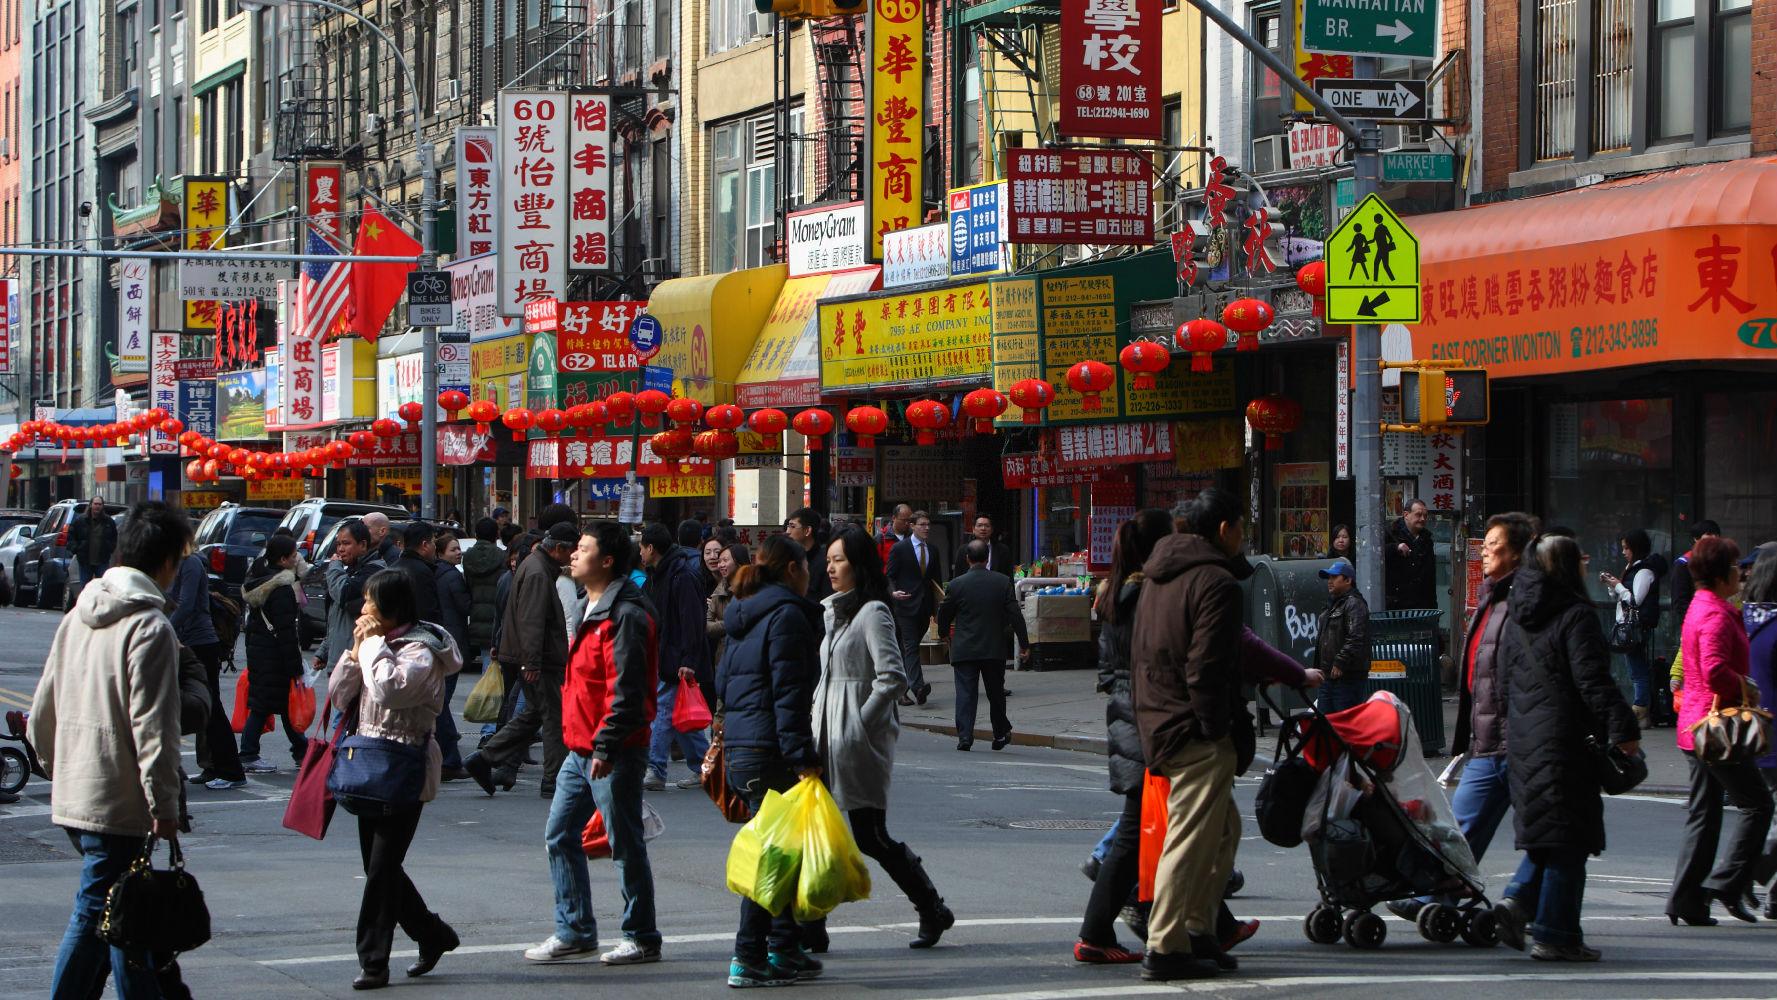 巨富与赤贫:亚裔成美国贫富差距最大族群 华裔印裔收入更高